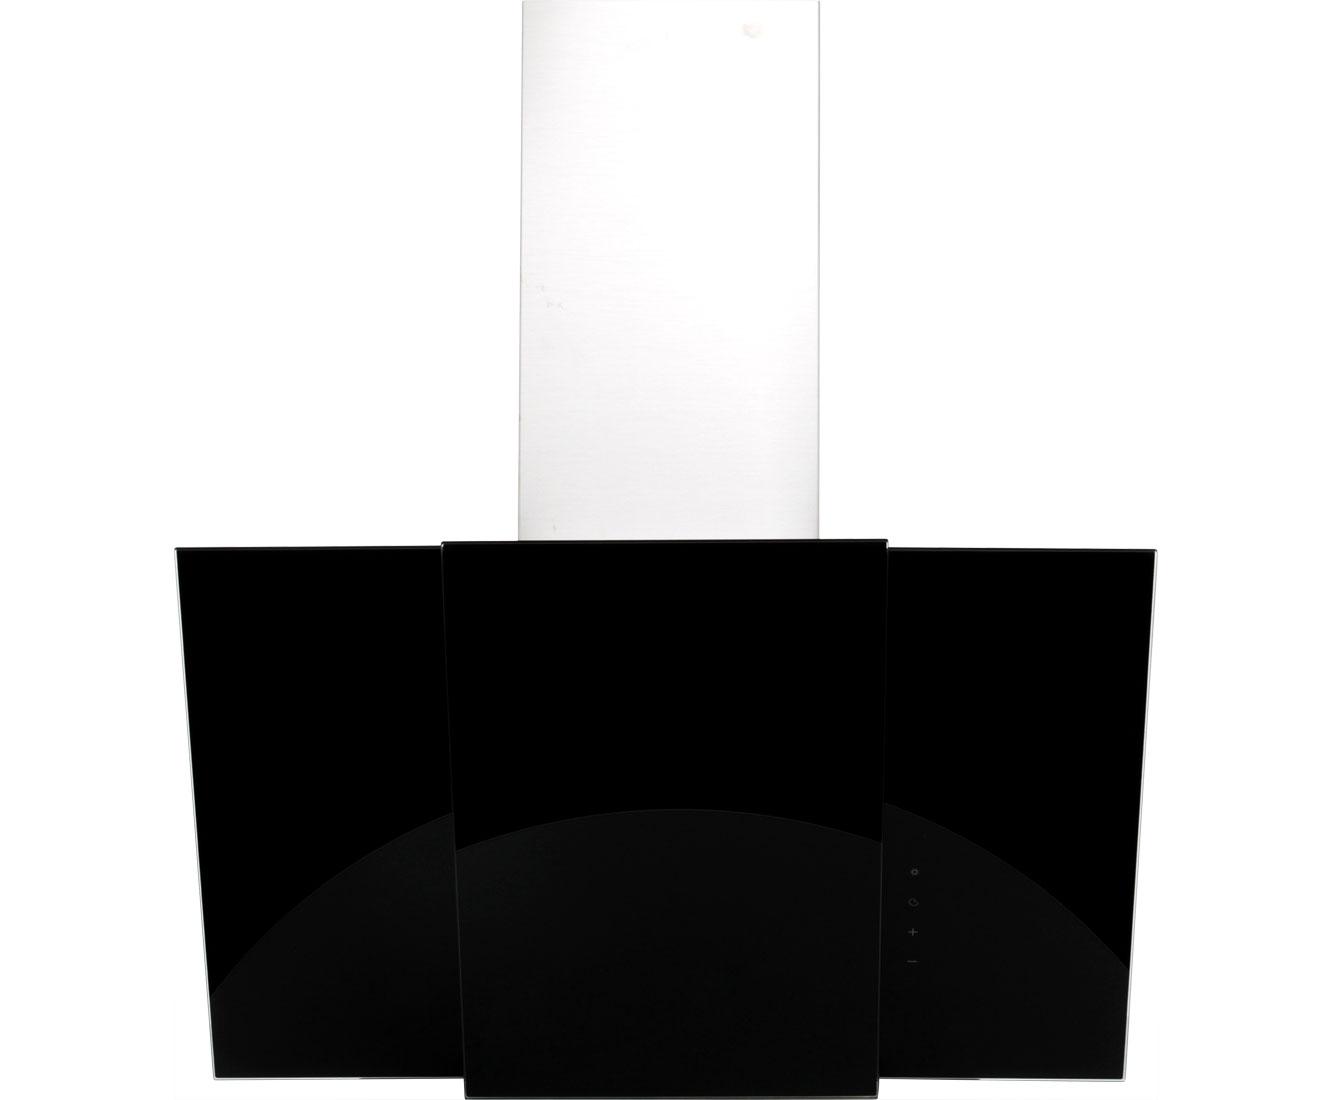 Amica Kühlschrank Media Markt : Amica dunstabzugshaube preisvergleich u die besten angebote online